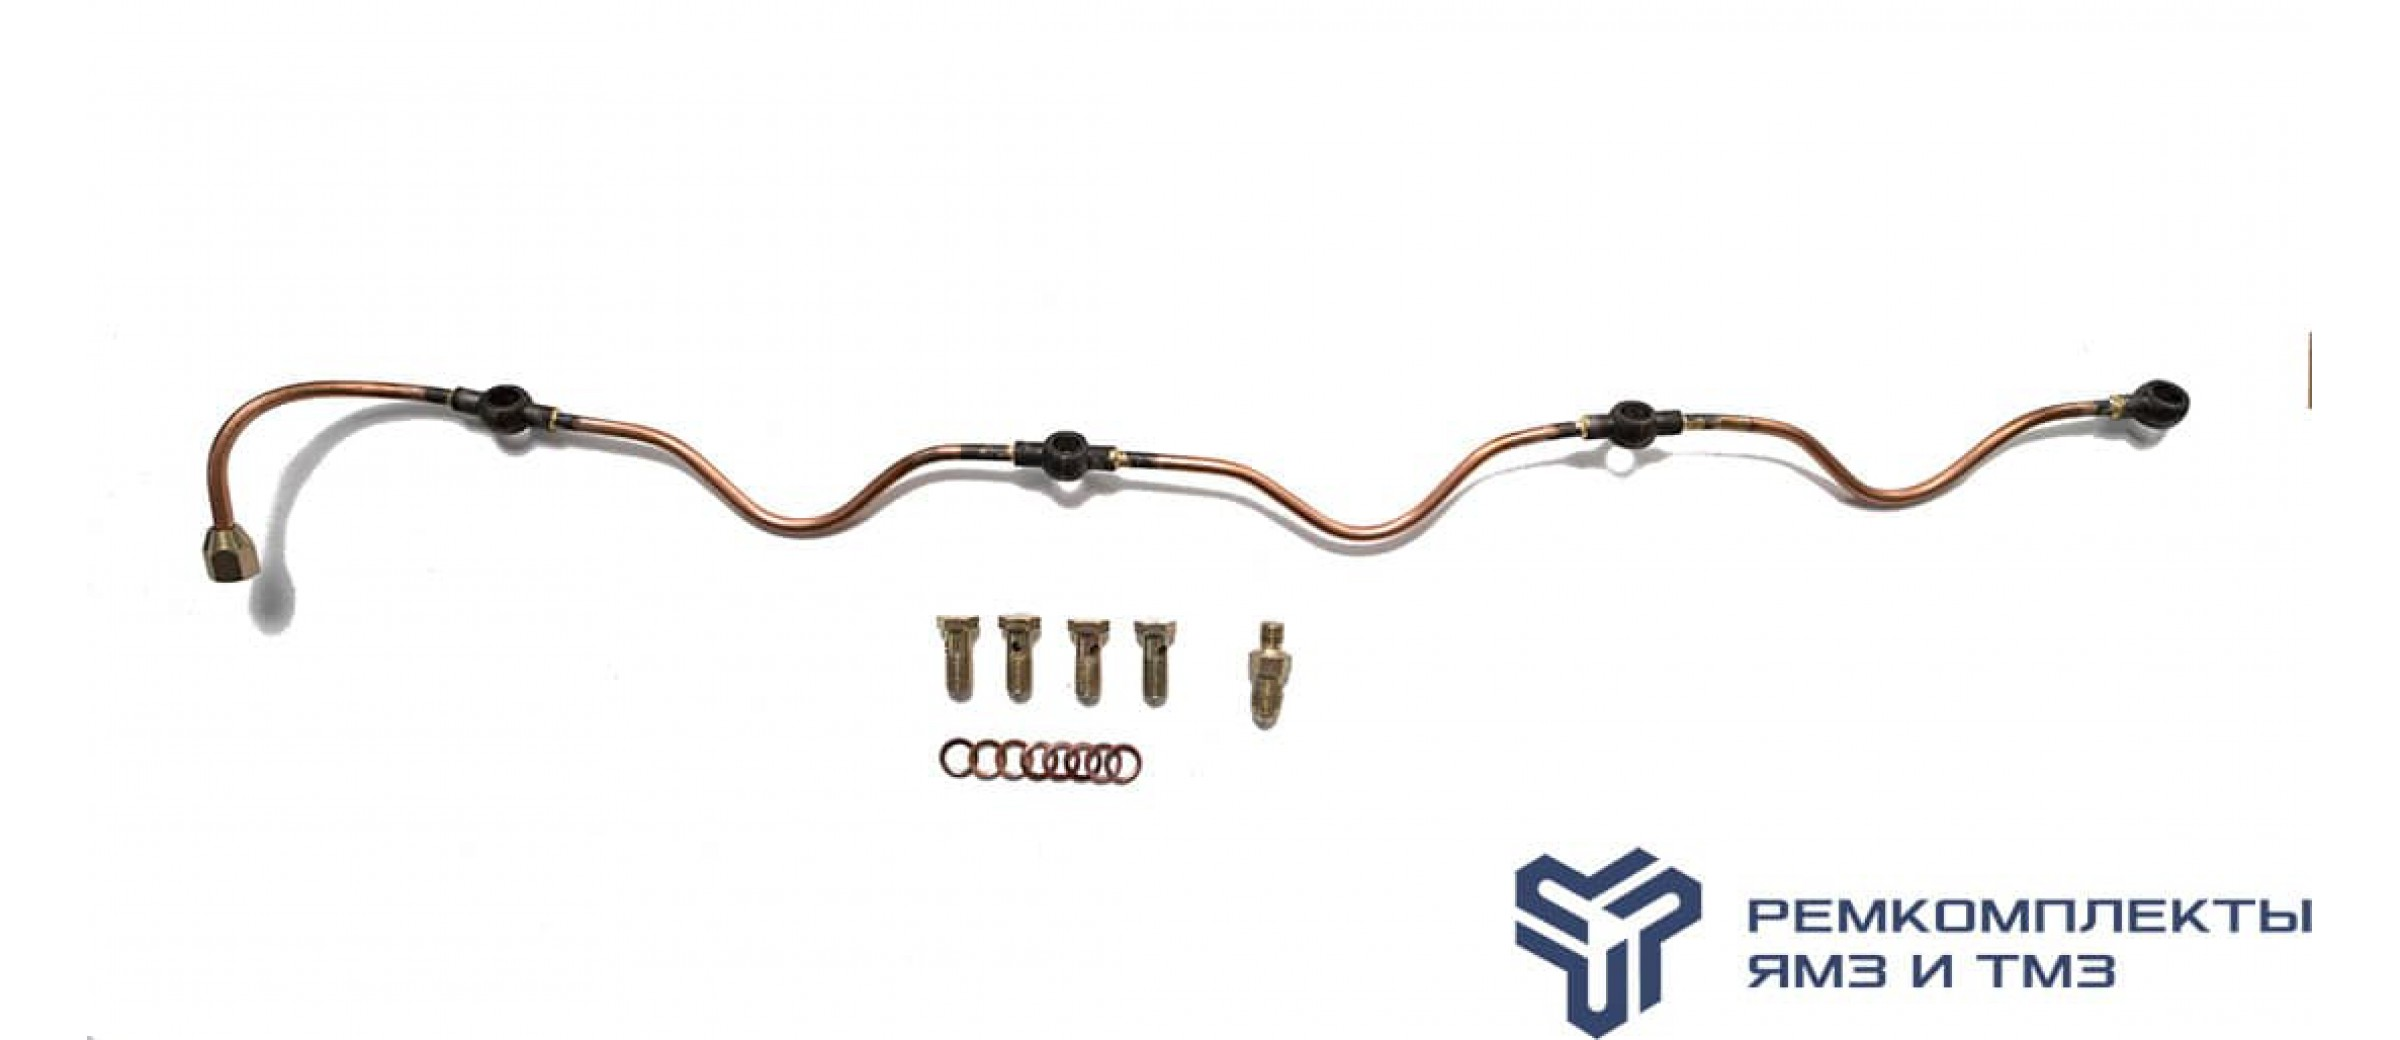 Ремкомплект дренажной трубки на 1 головку двигателя ЯМЗ-238 (общий ГБЦ)